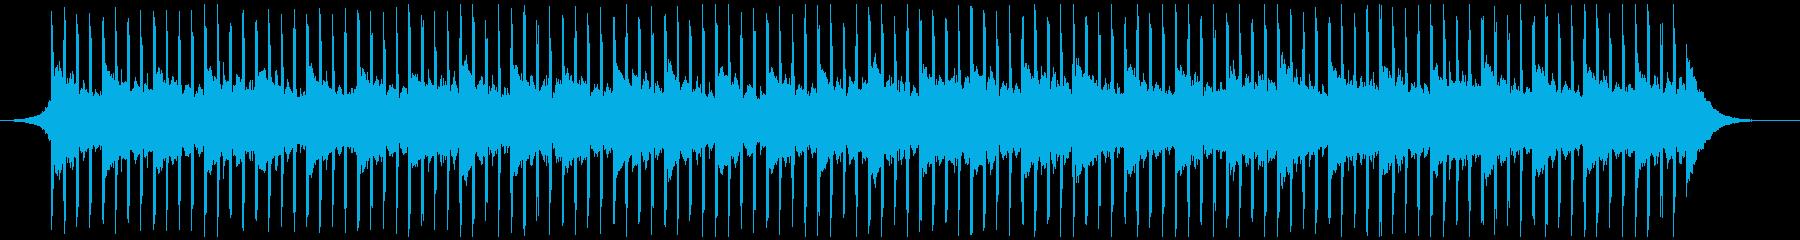 スタートアップ(60秒)の再生済みの波形